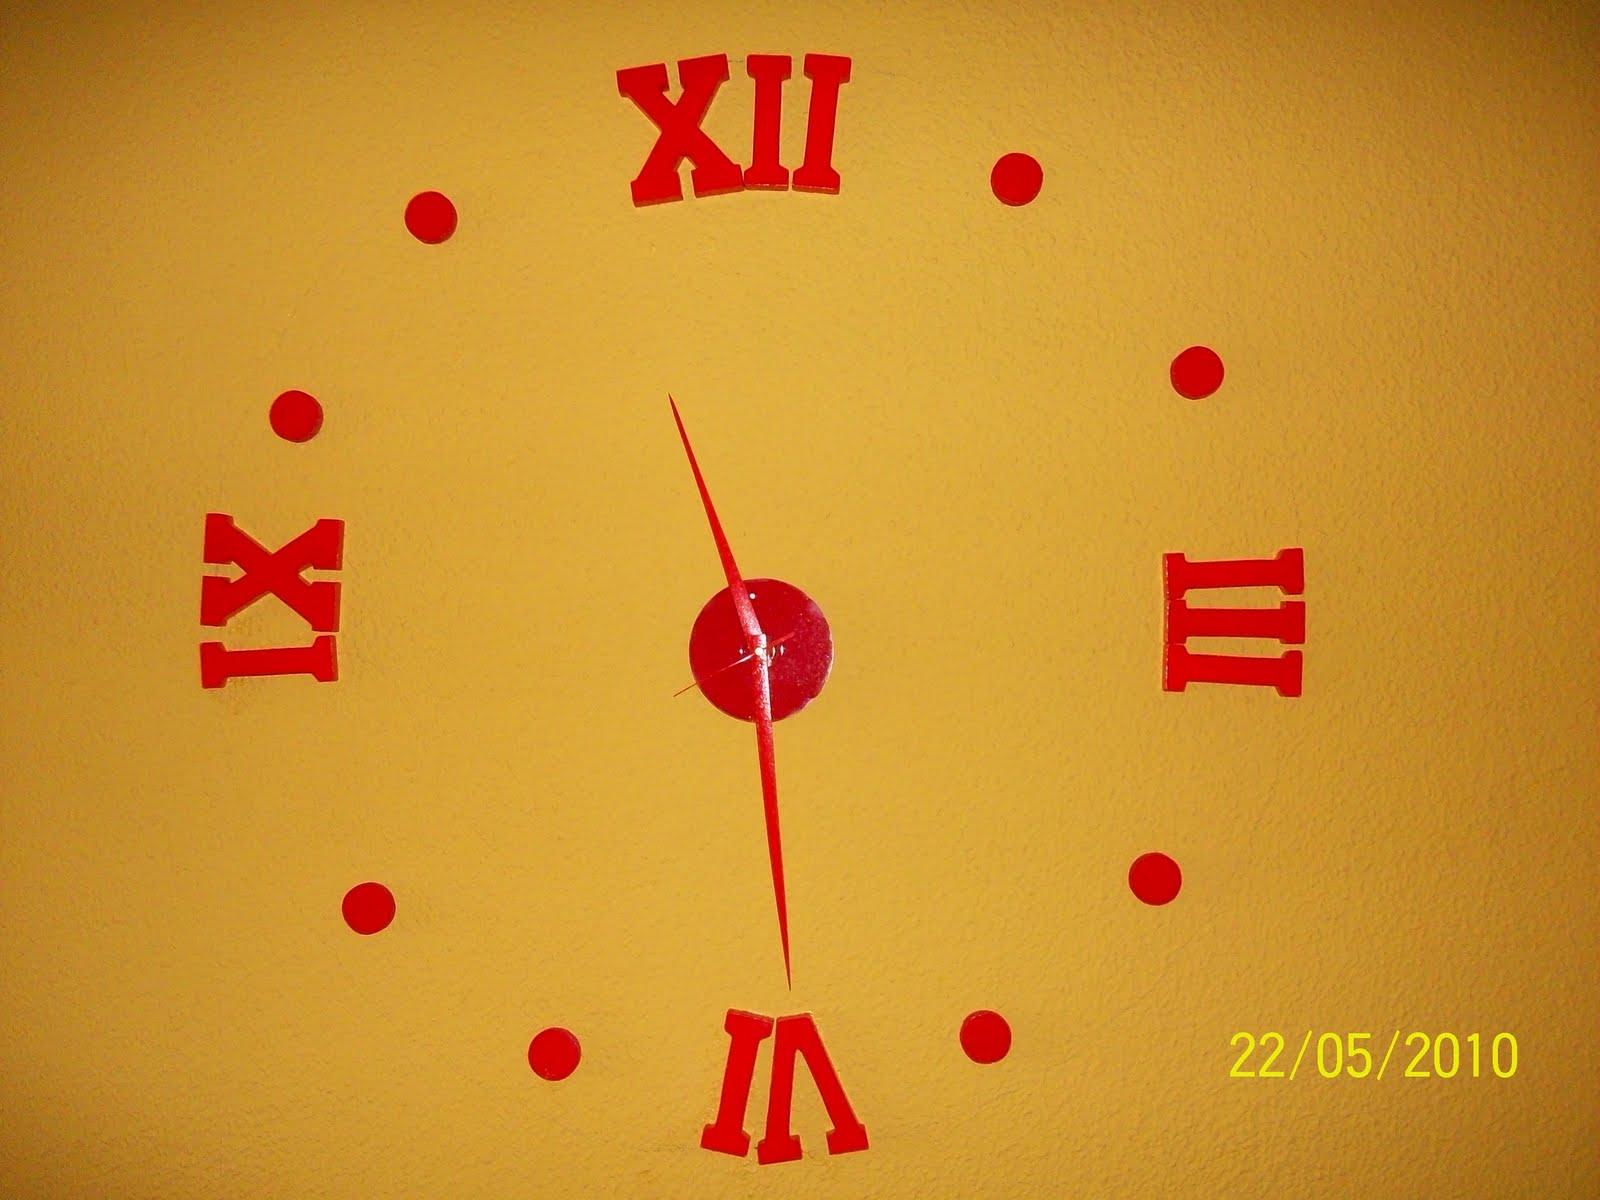 El reloj de pared de maria luz y domingo - Reloj pegado pared ...